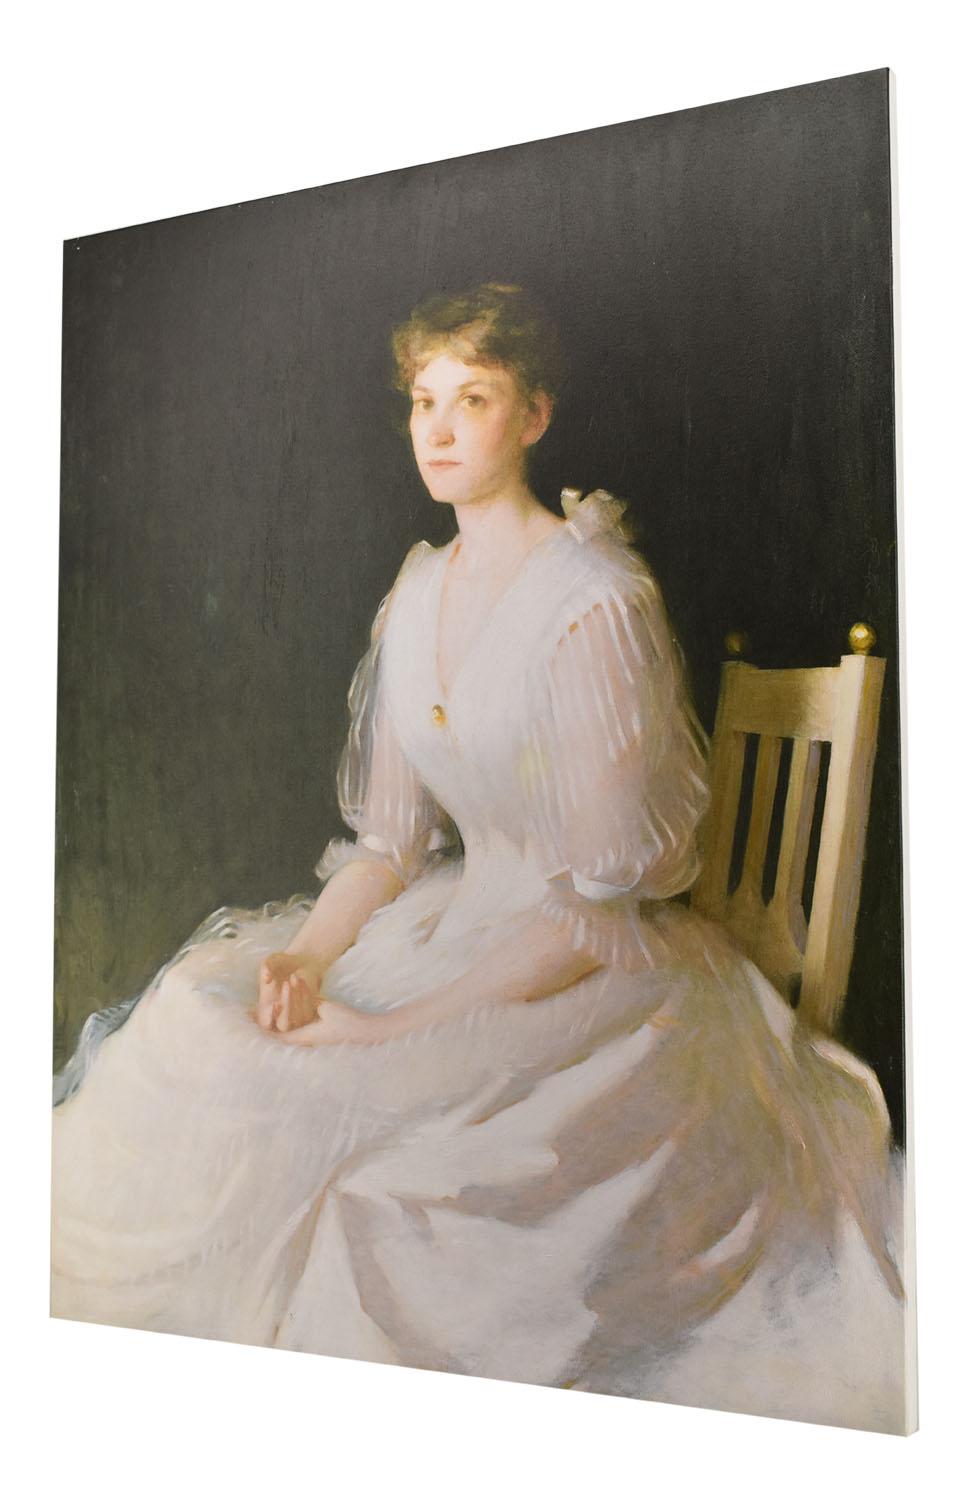 071112_Portrait in White_1